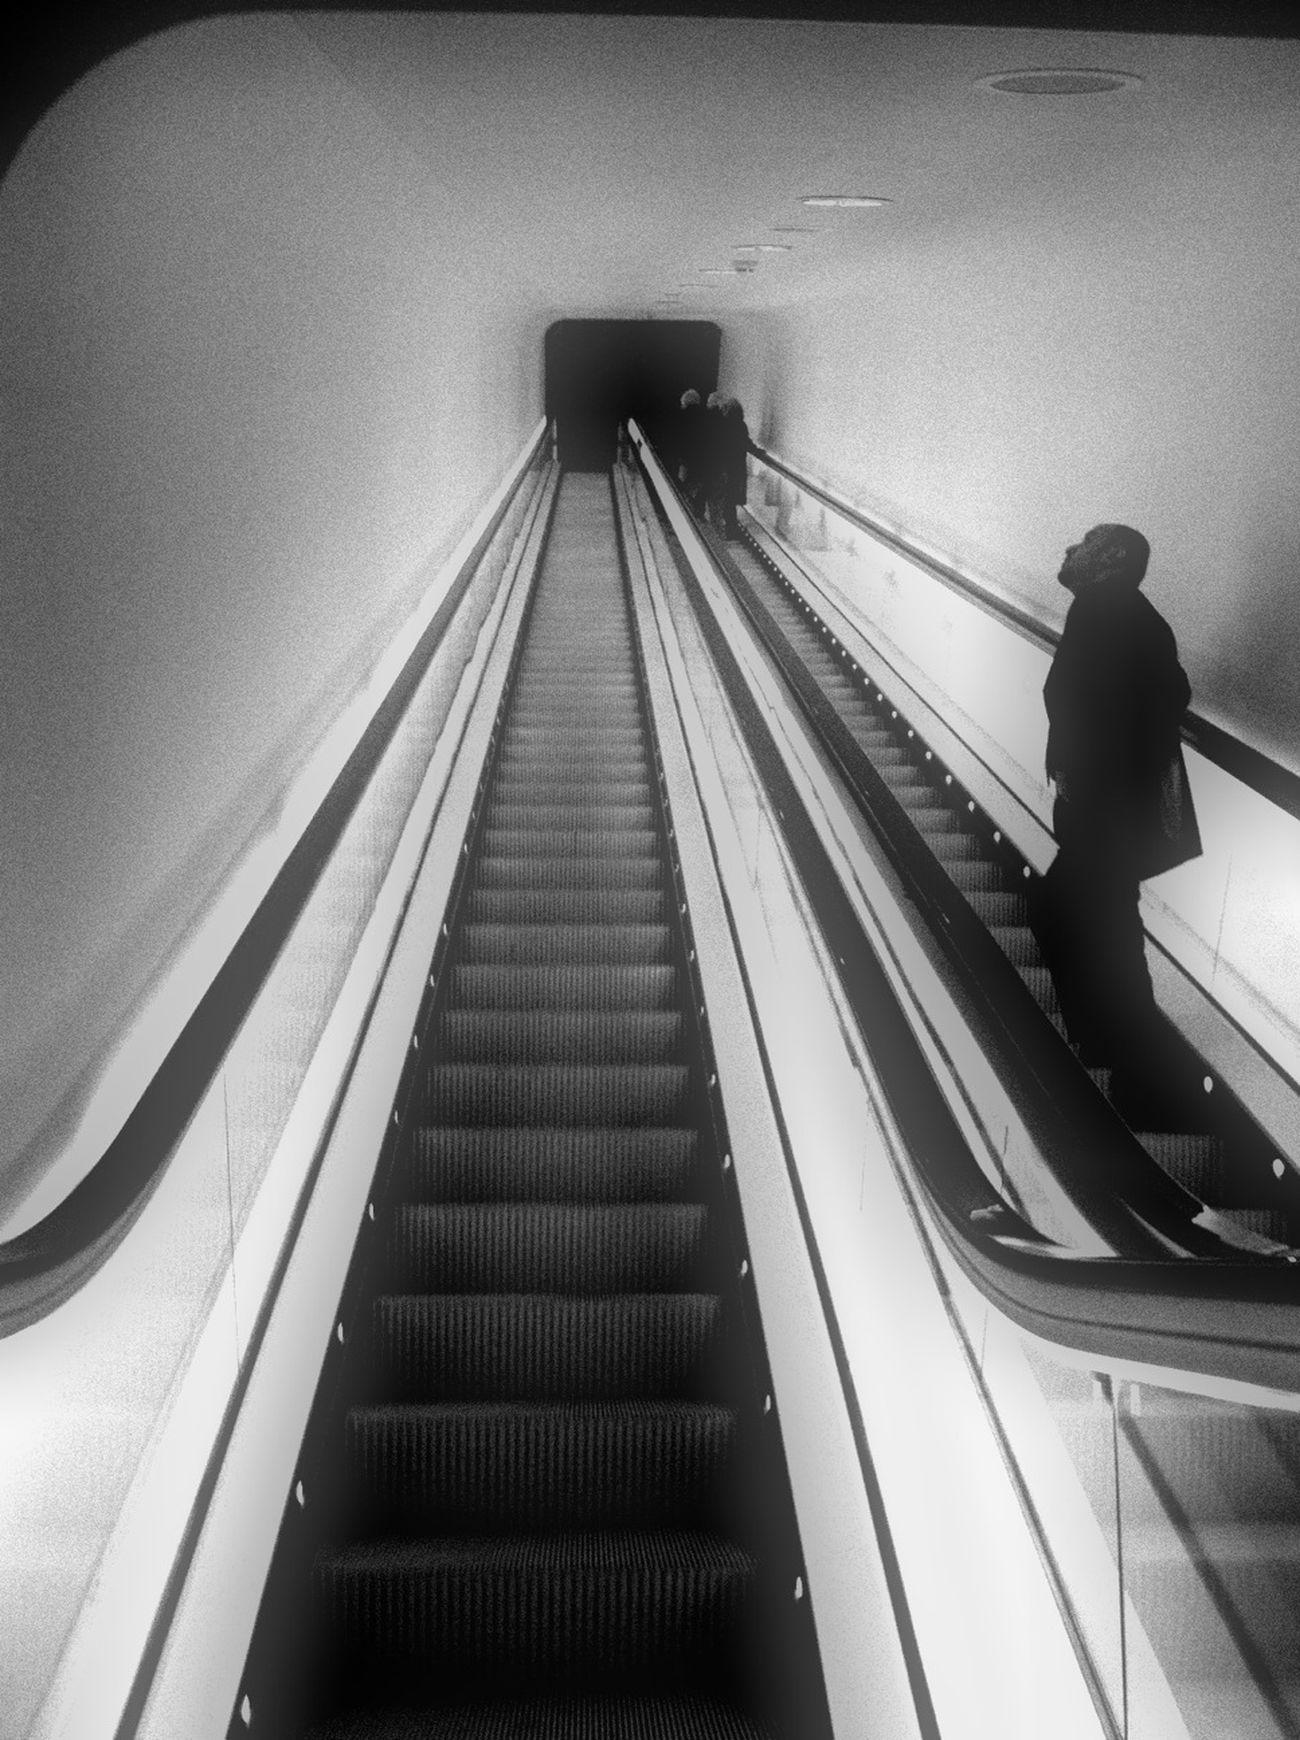 Taking Photos Black & White At An Exhibition